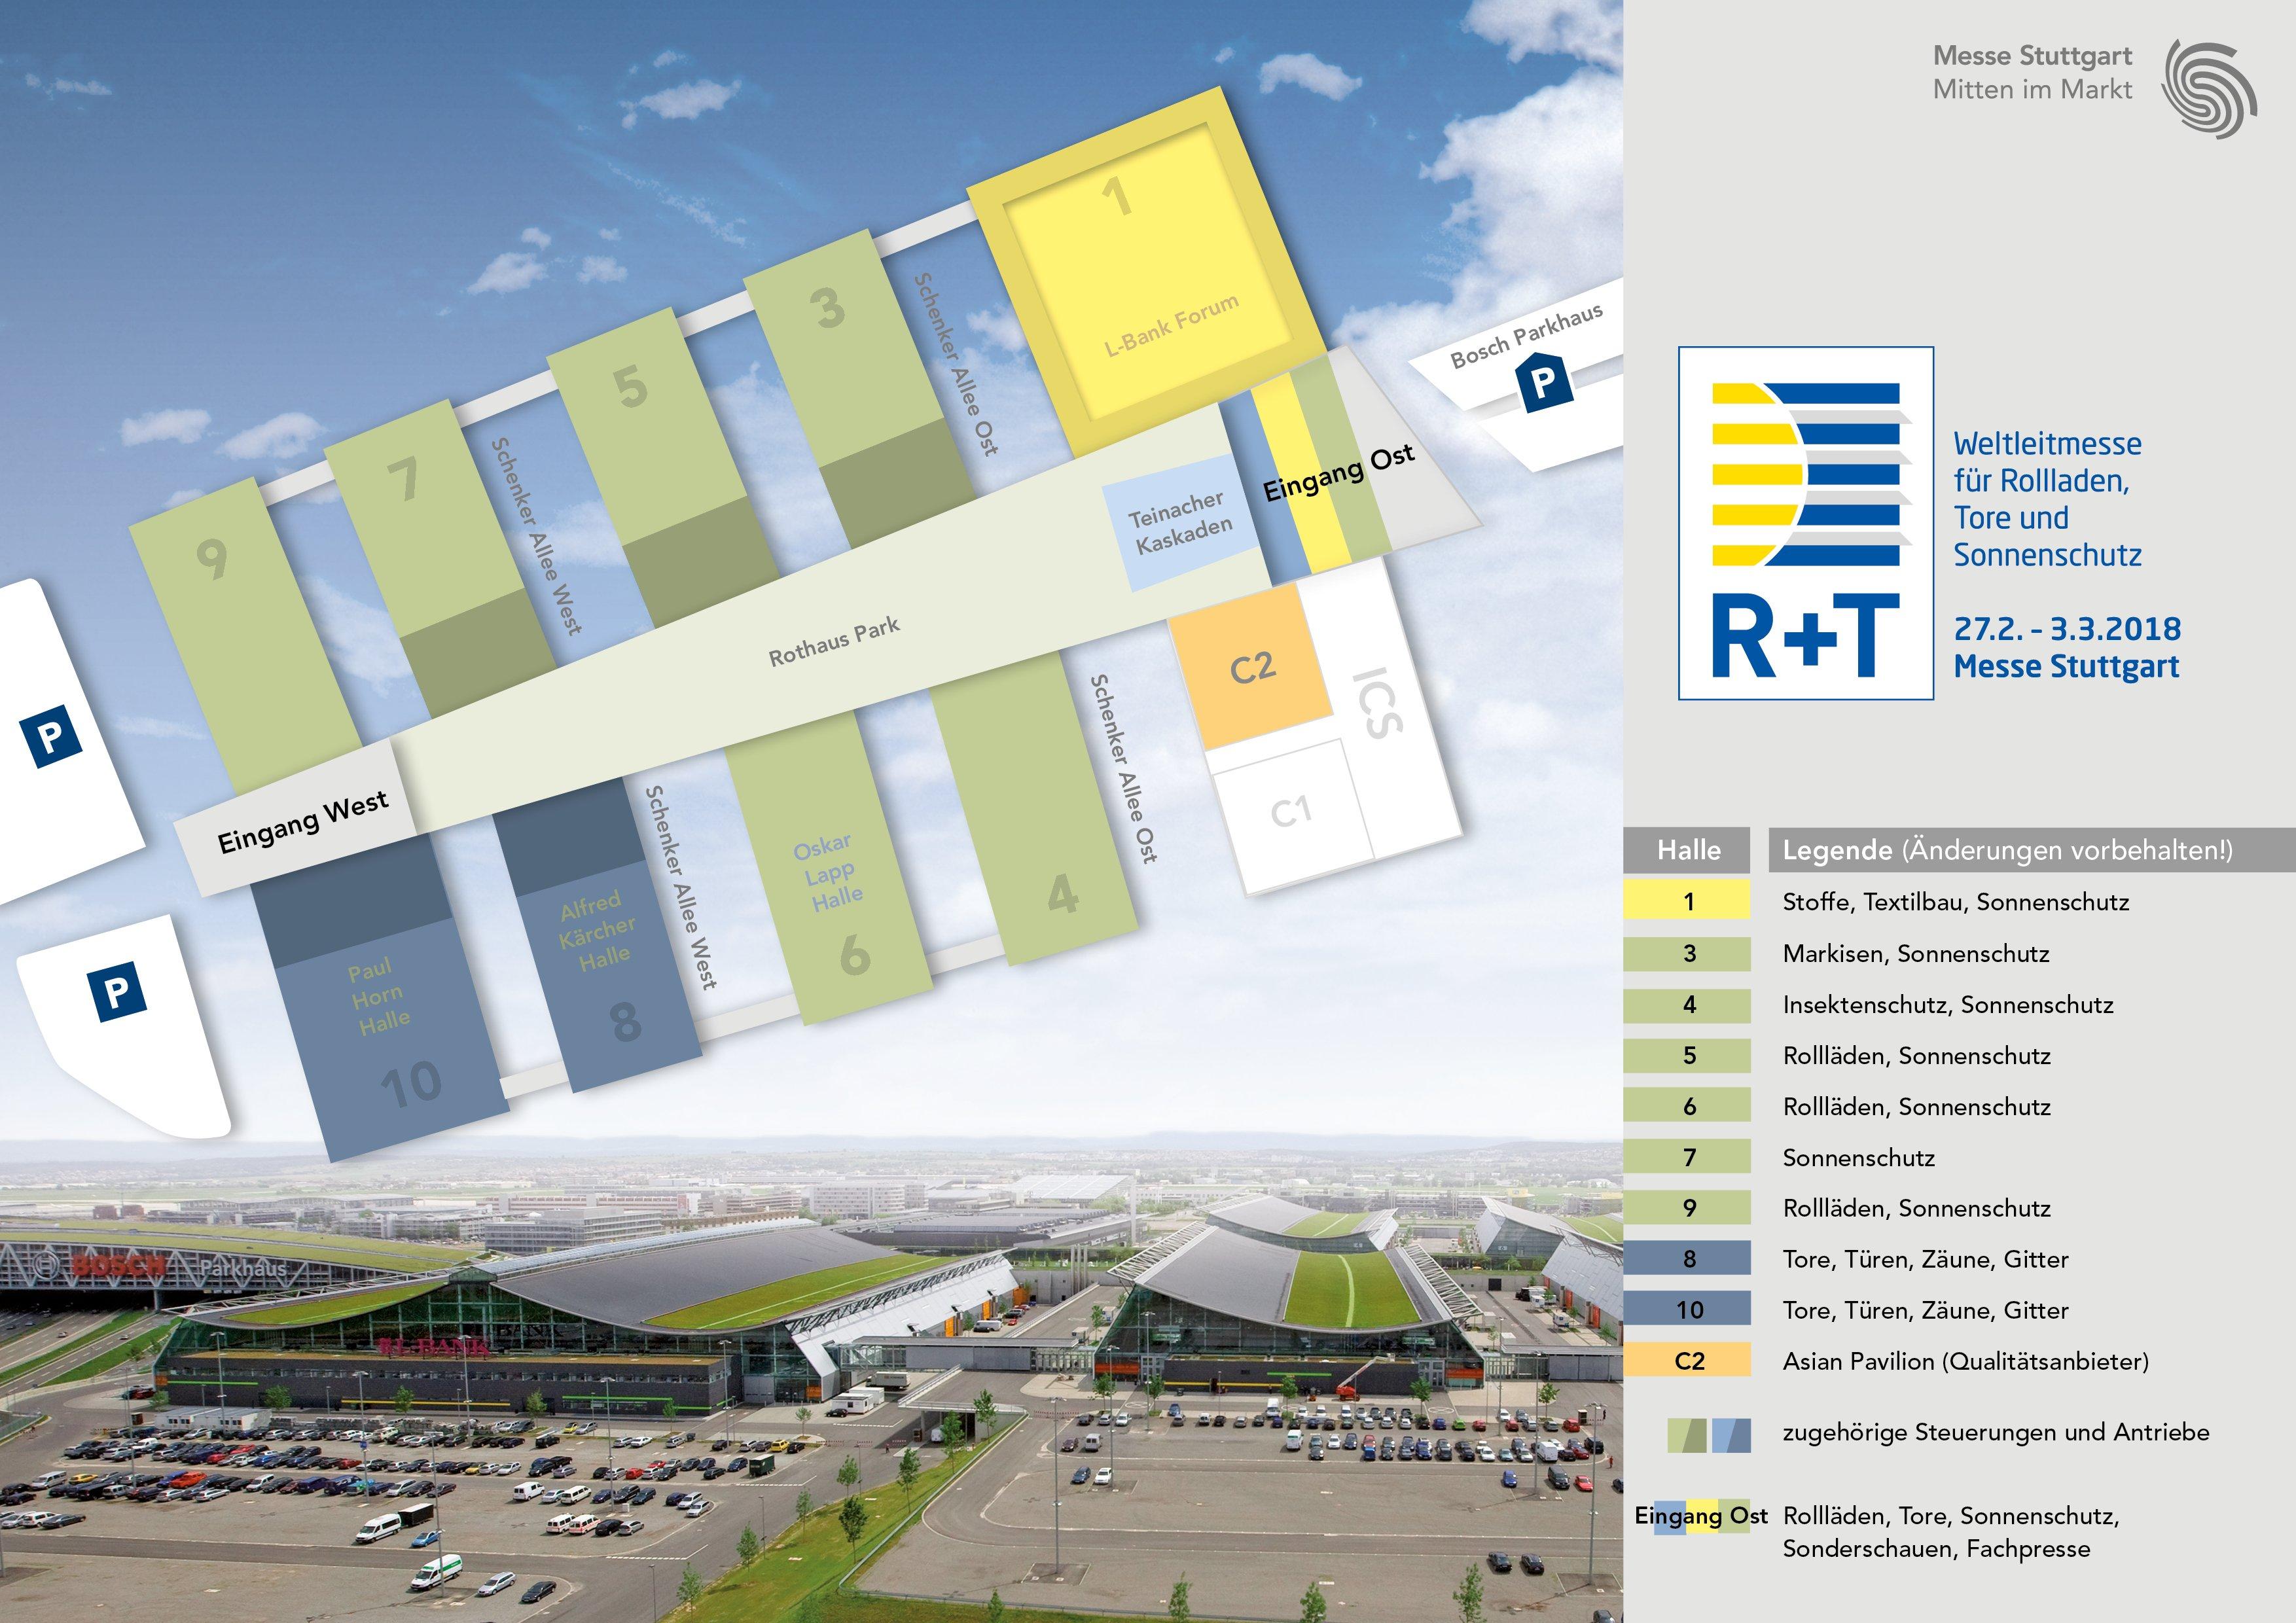 R+T 2018 - Weltleitmesse für Rollladen, Tore und Sonnenschutz